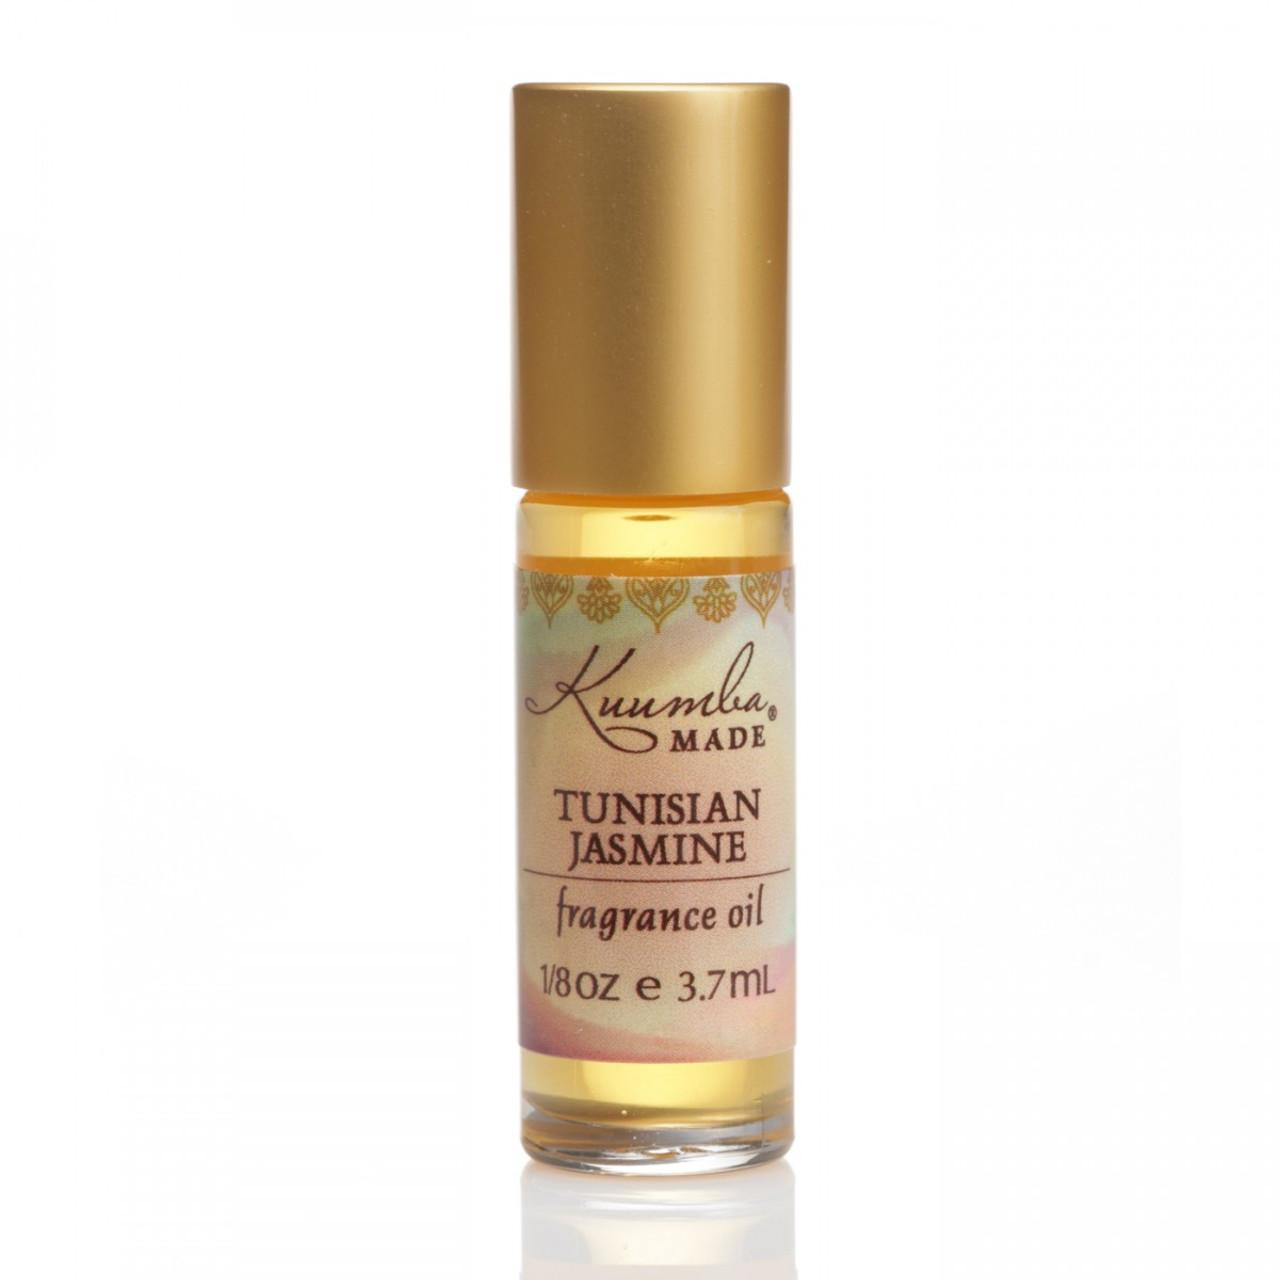 Kuumba Made Tunisian Jasmine Fragrance Oil